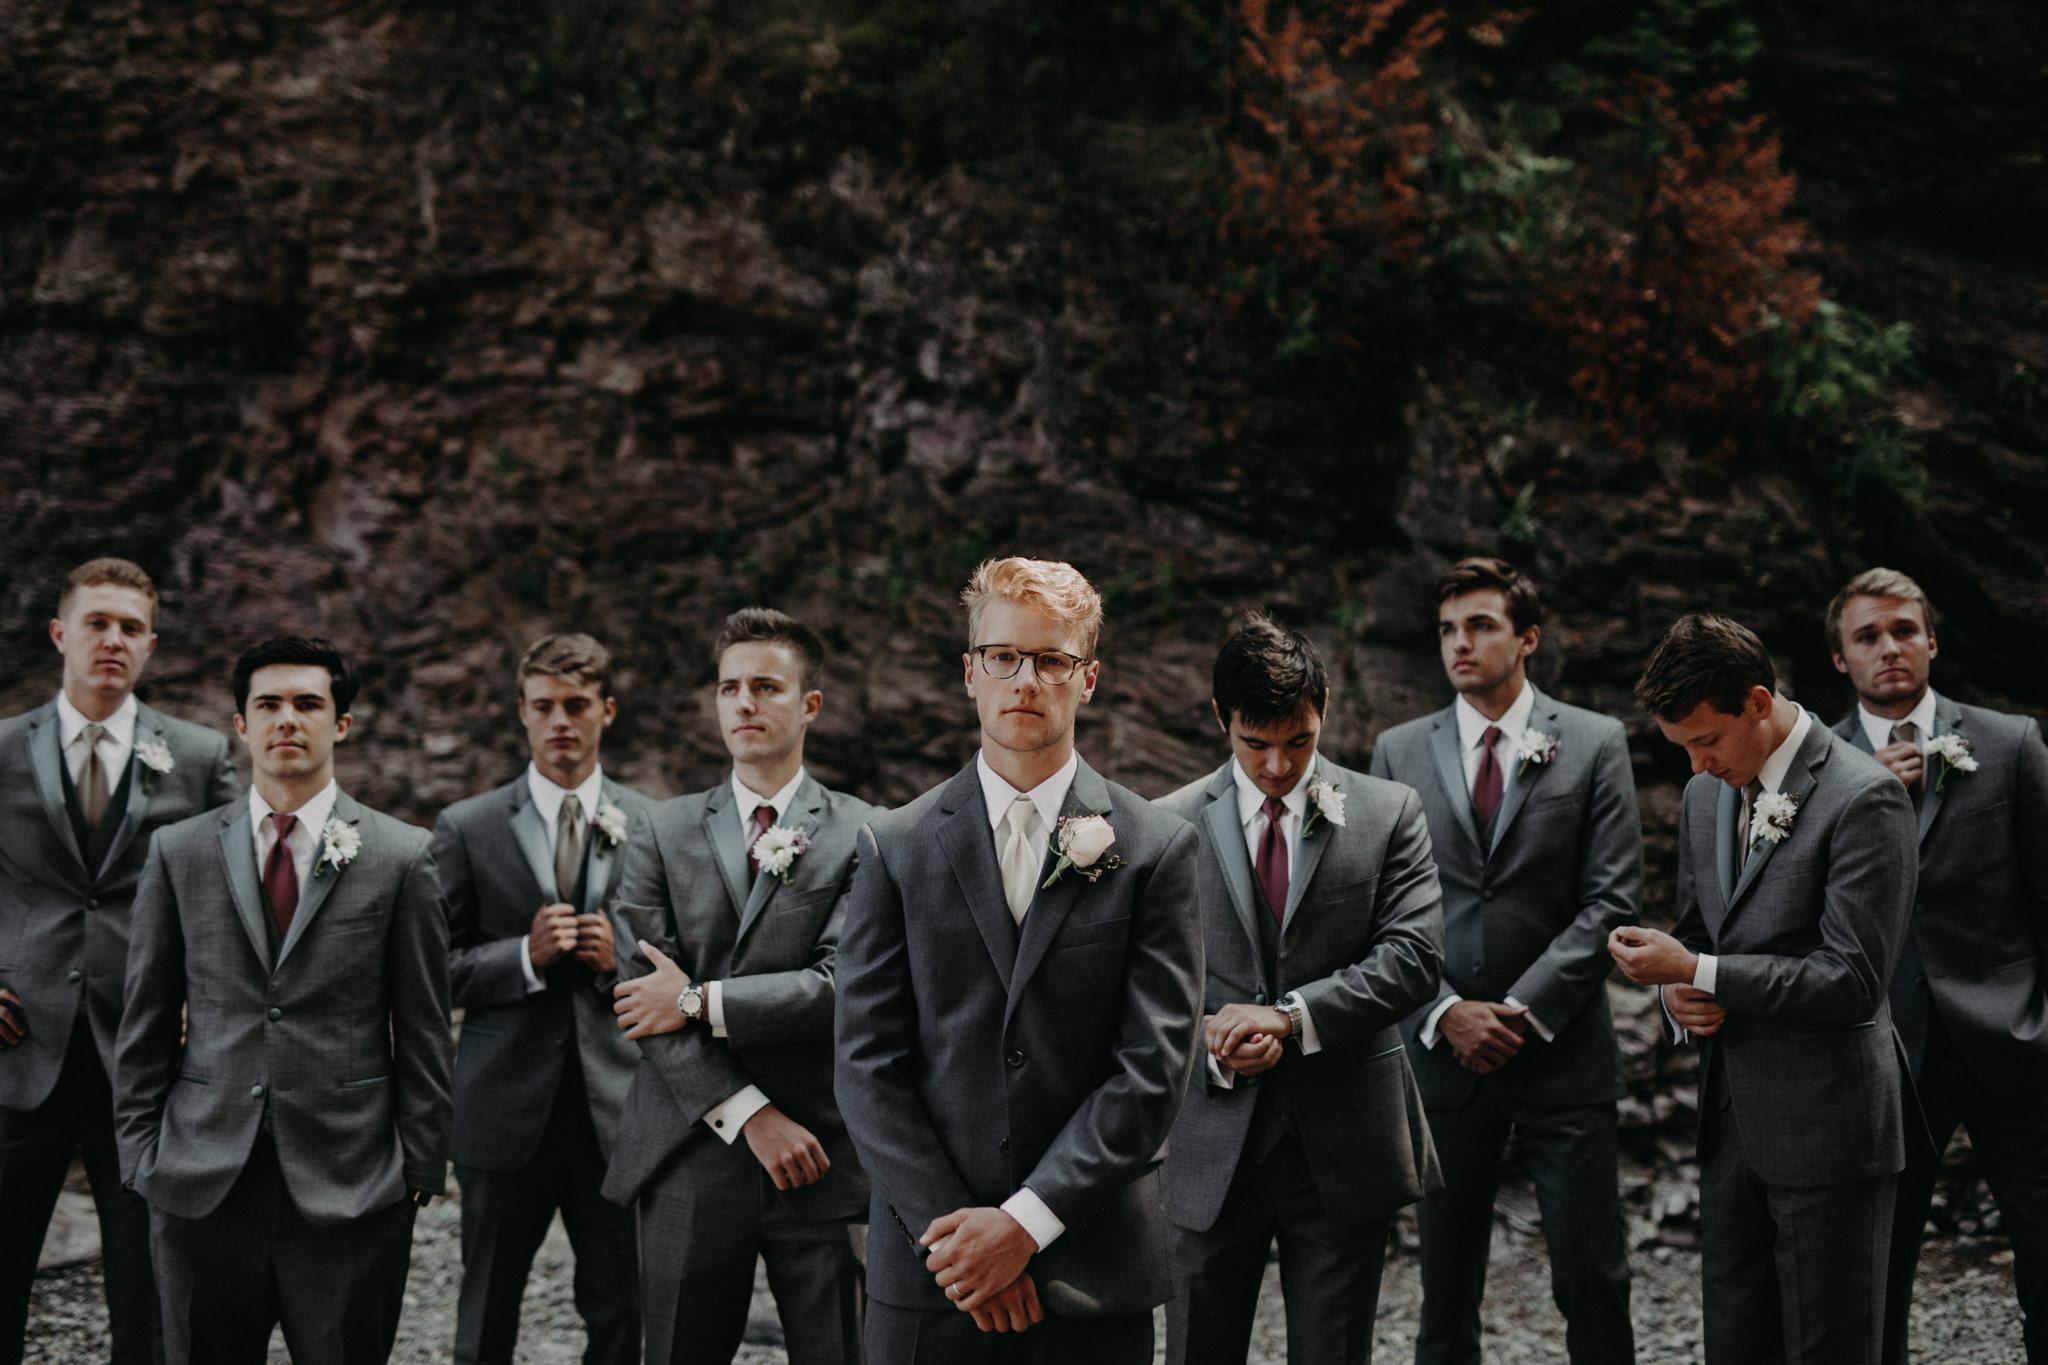 Groomsmen standing in front of black rocks